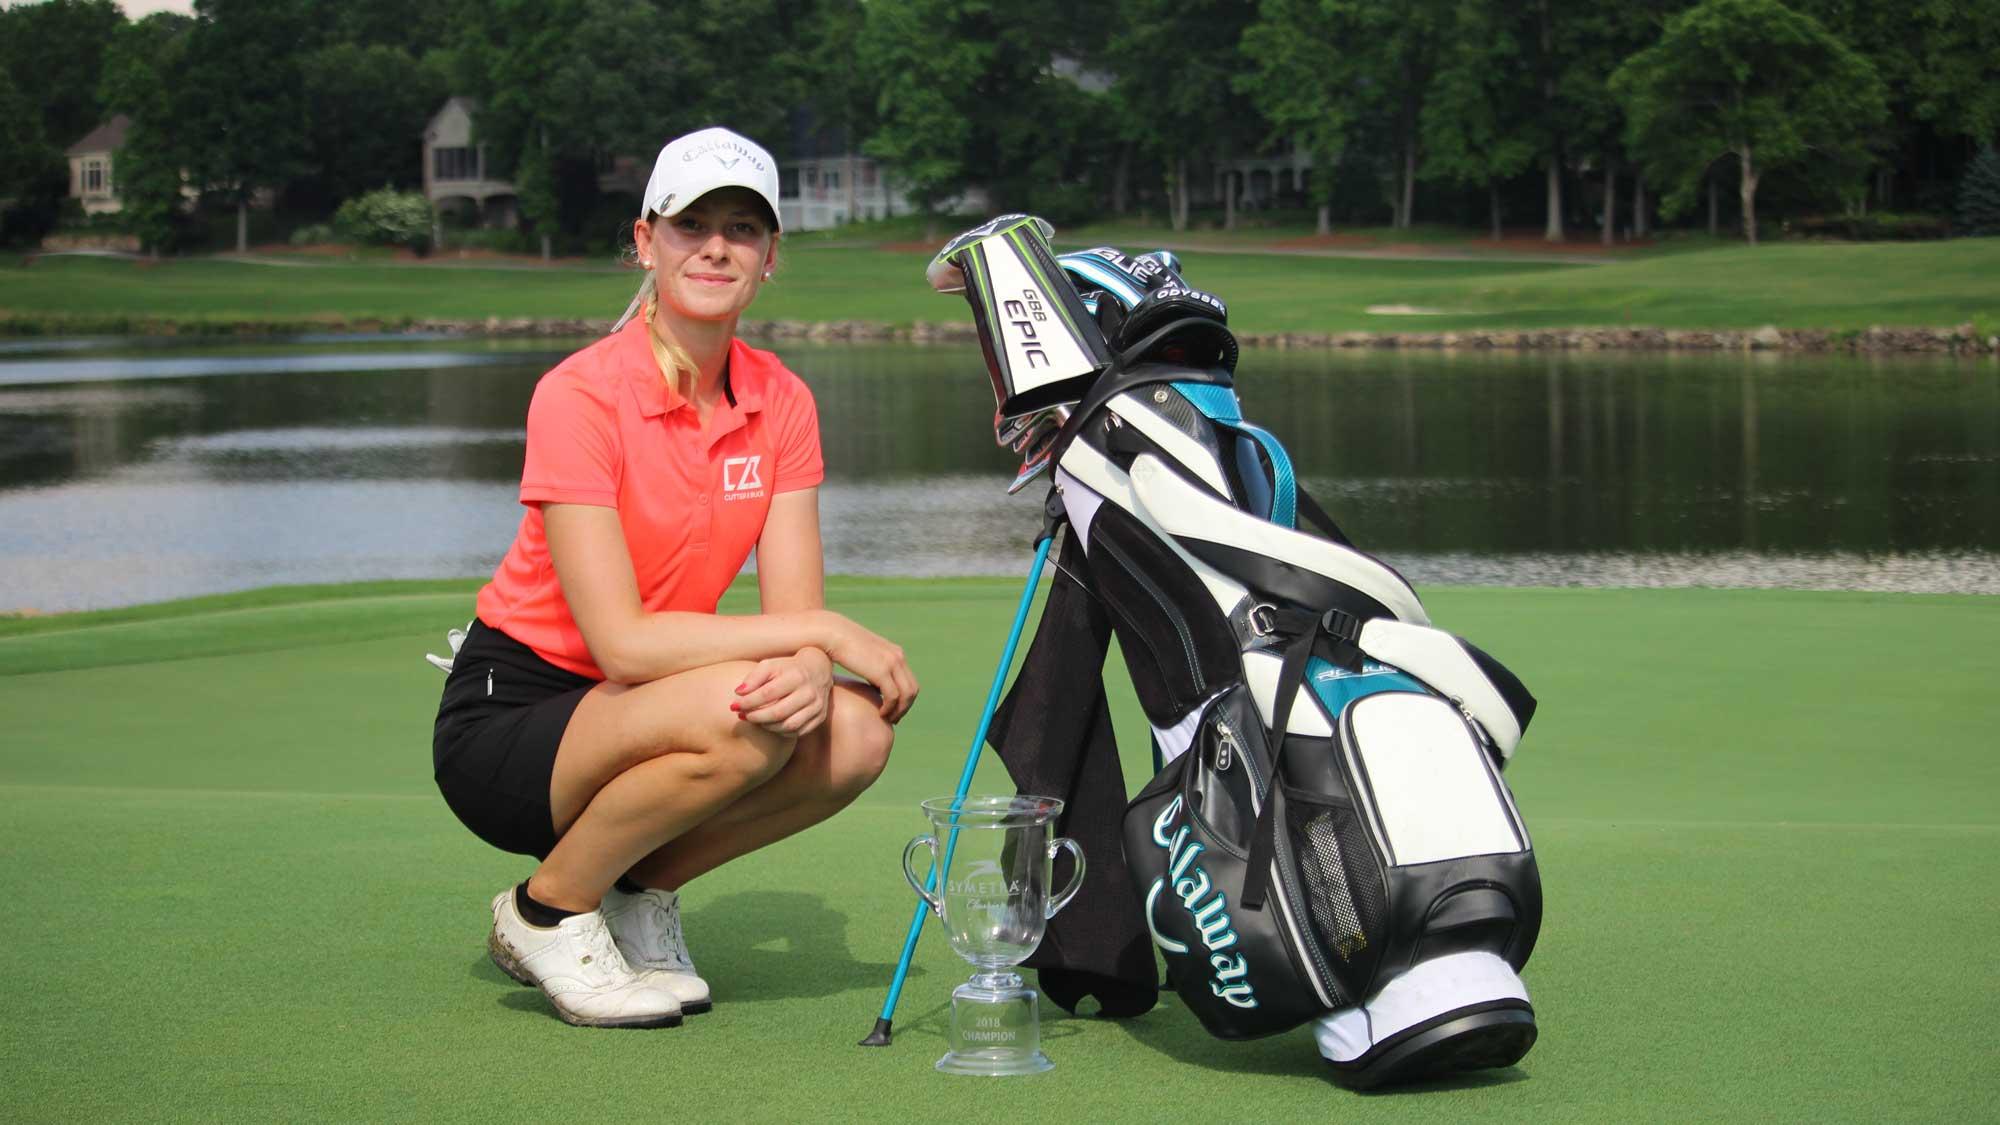 La golfista sueca Jenny Haglund rompe en el aeropuerto su primer trofeo